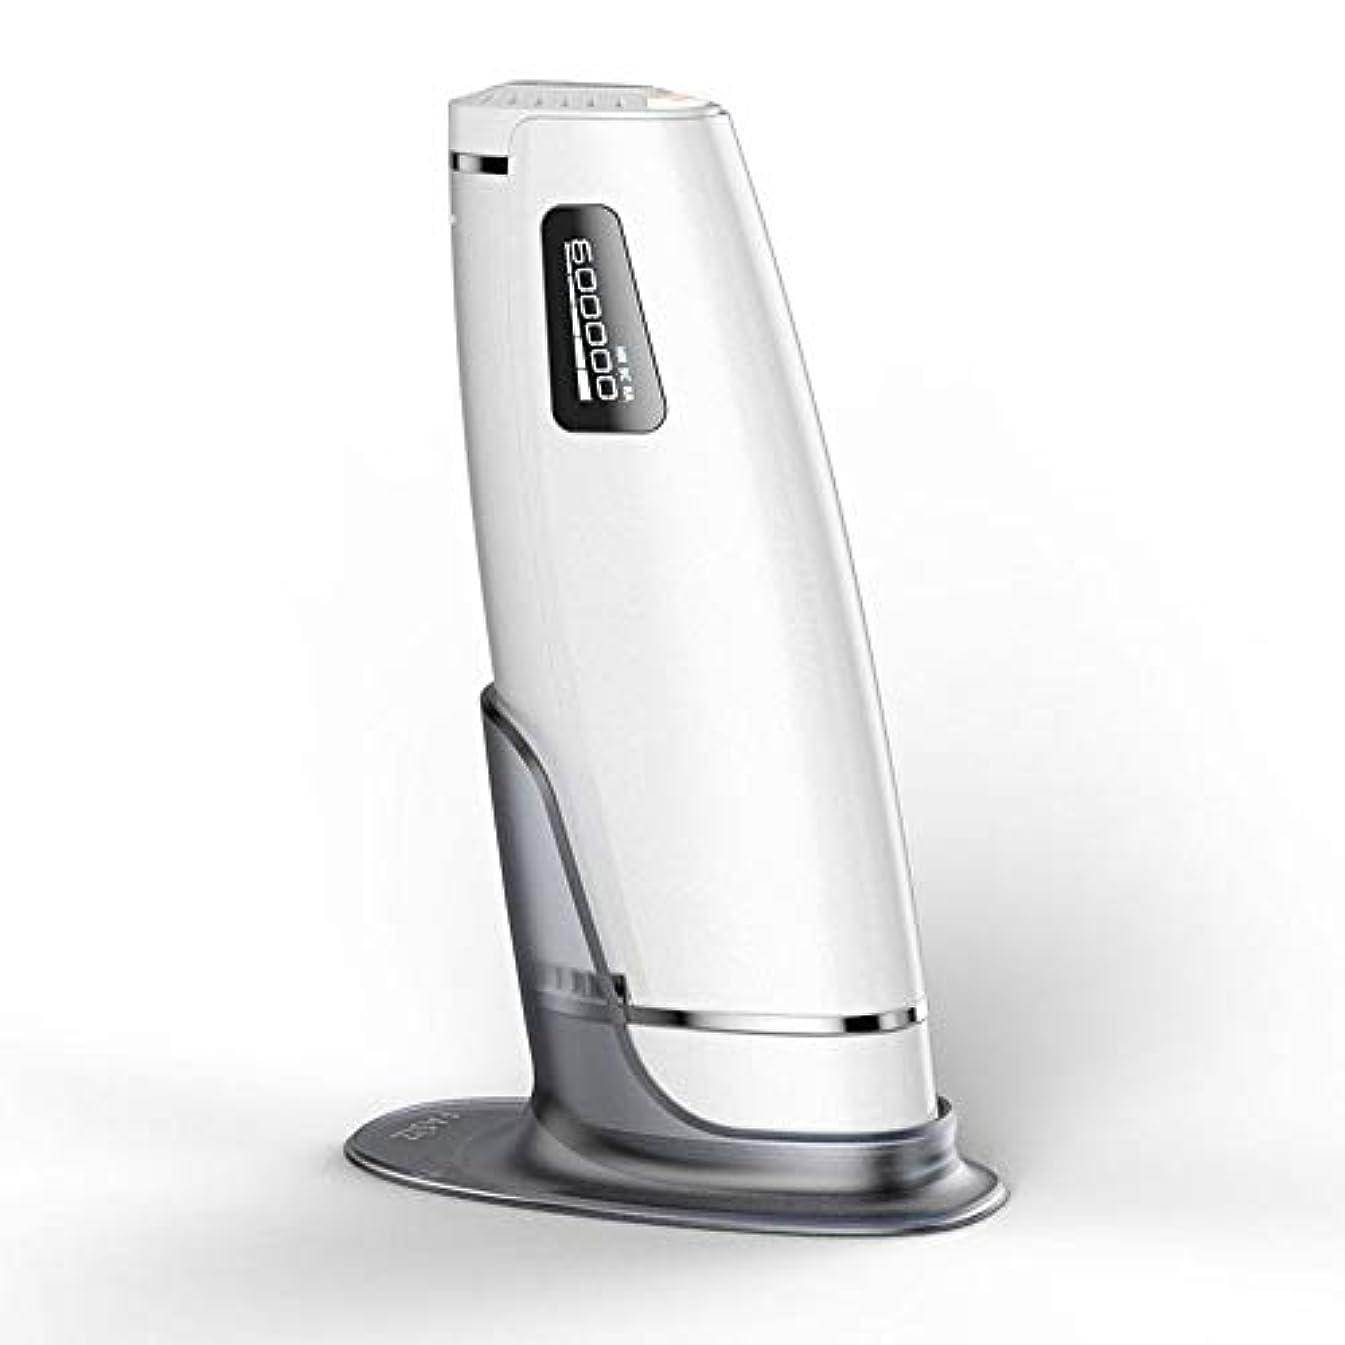 家庭用自動痛みのない毛の除去剤、白、携帯用永久的な毛の除去剤、二重モード、5つの速度調節、サイズ20.5 X 4.5 X 7 Cm 髪以外はきれい